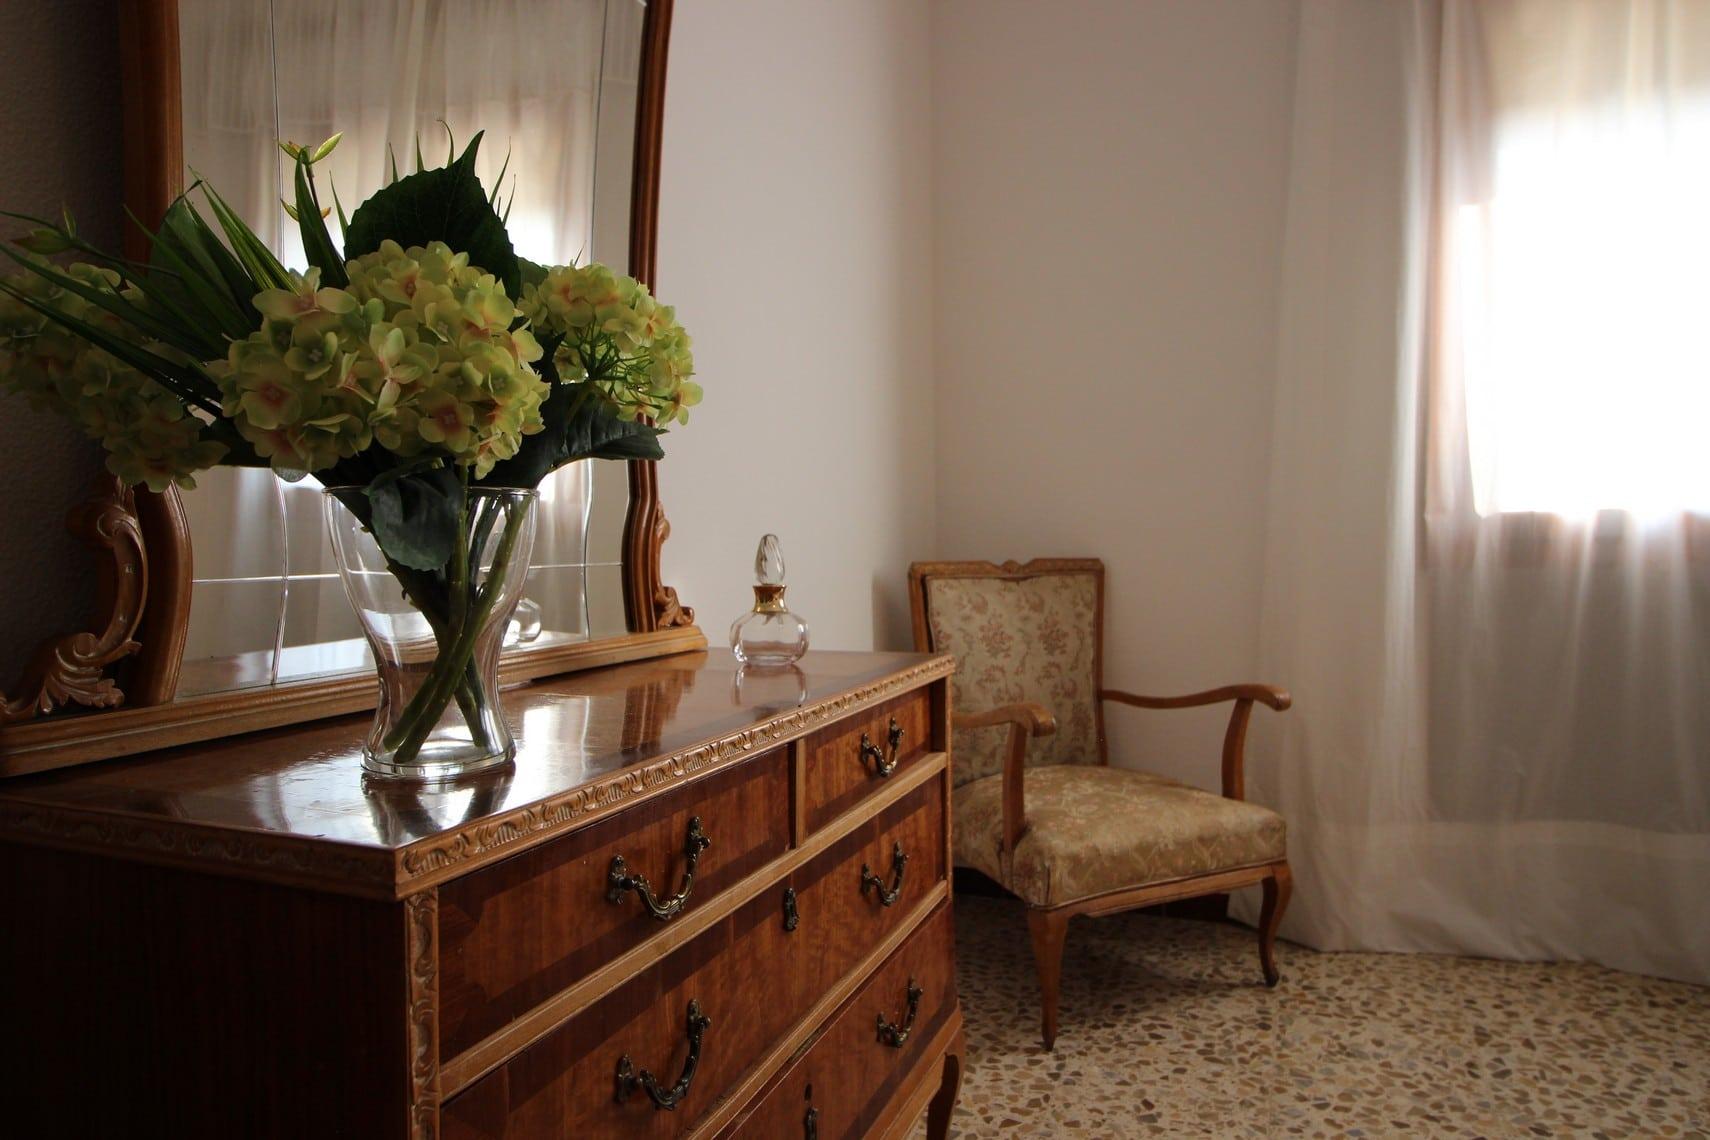 habitación2_las_hazas jarandilla011